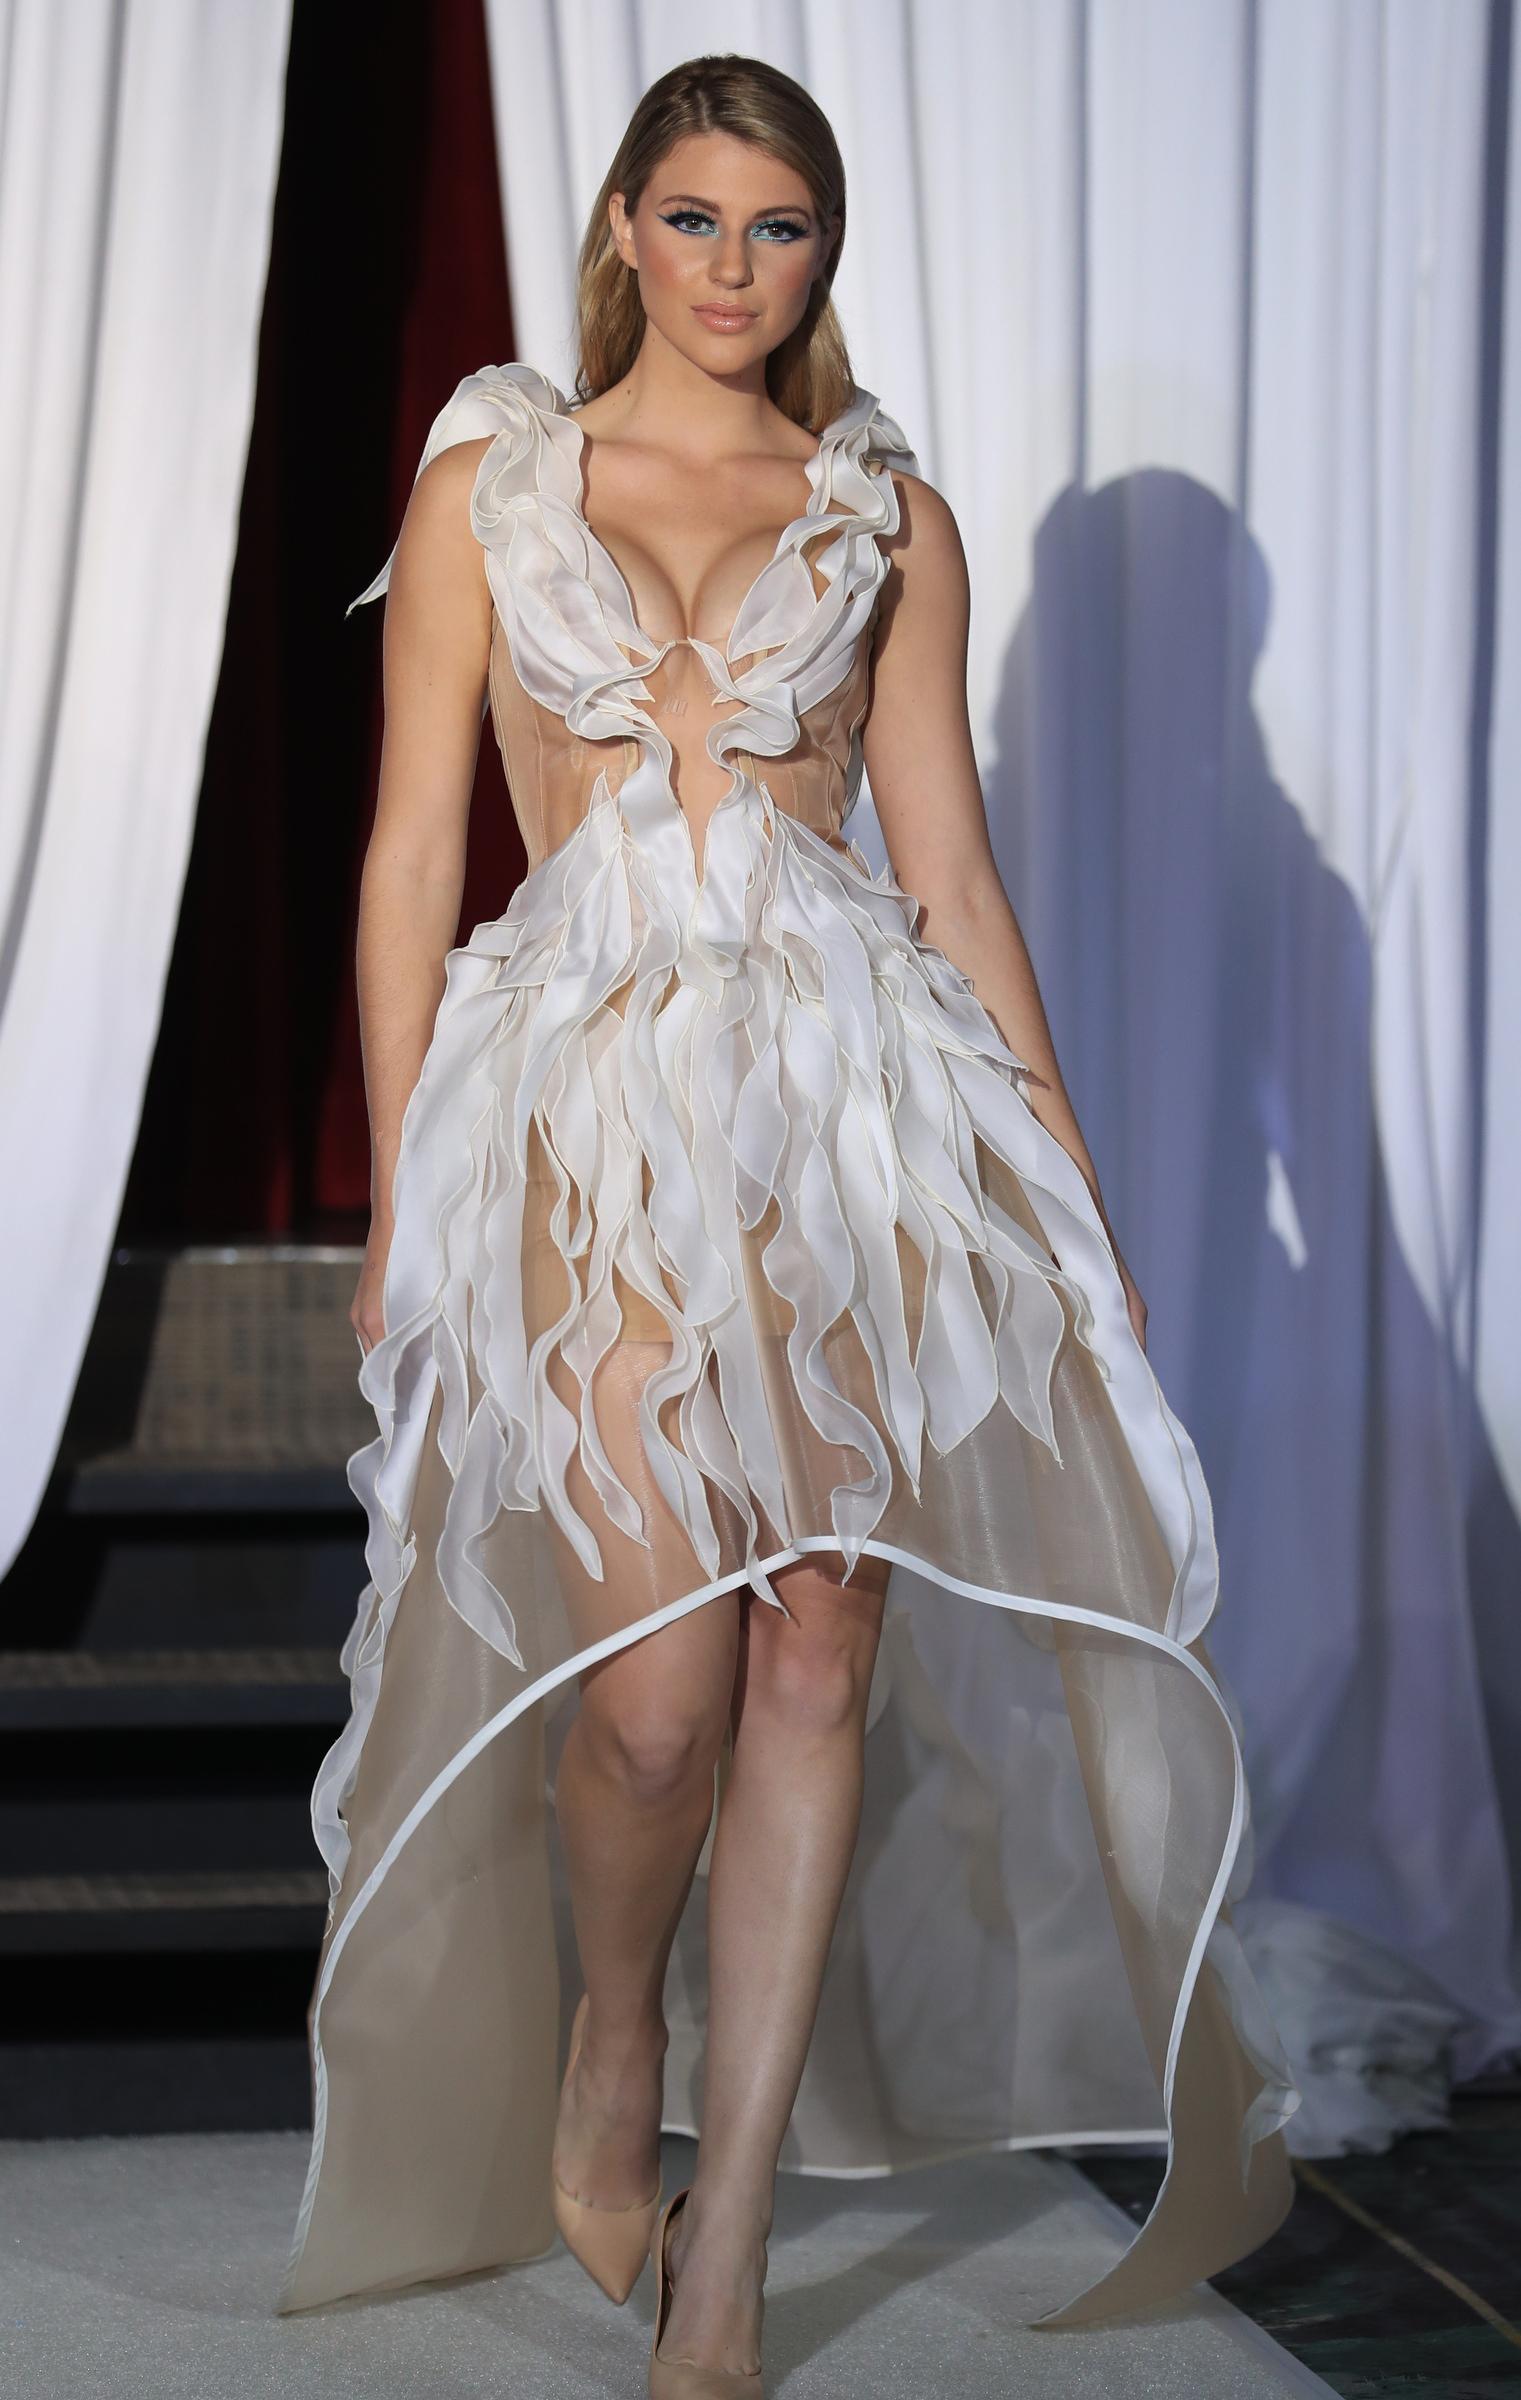 El diseñador Jaer Cabán seleccionó un vestido asimétrico con un escote profundo y transparencias, para destacar la belleza de Madison. (Vanessa Serra)